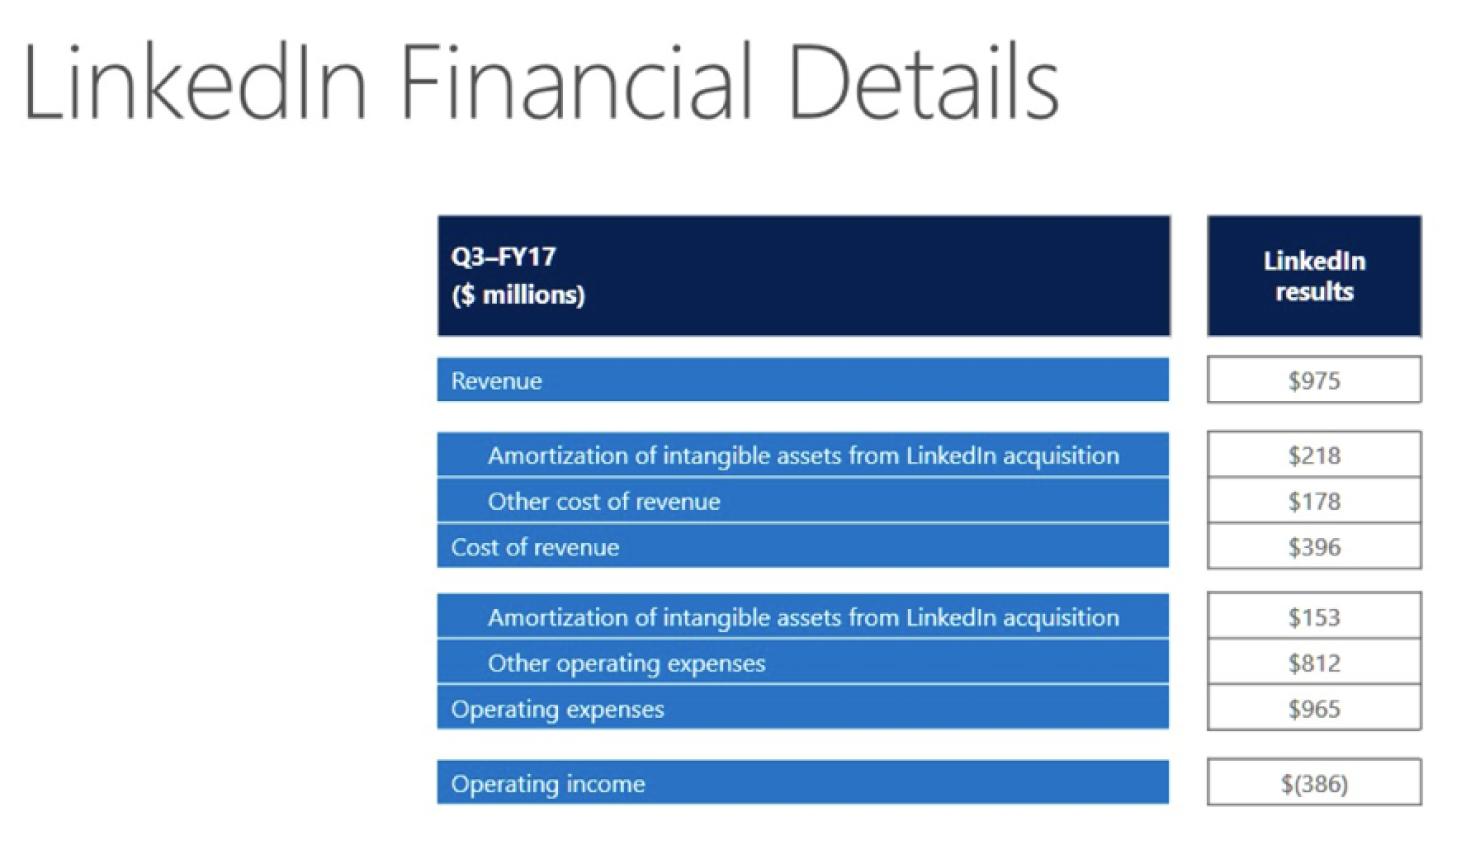 Миллиардная прибыль благодаря Azure: а вы знакомы с главным продуктом компании Microsoft?